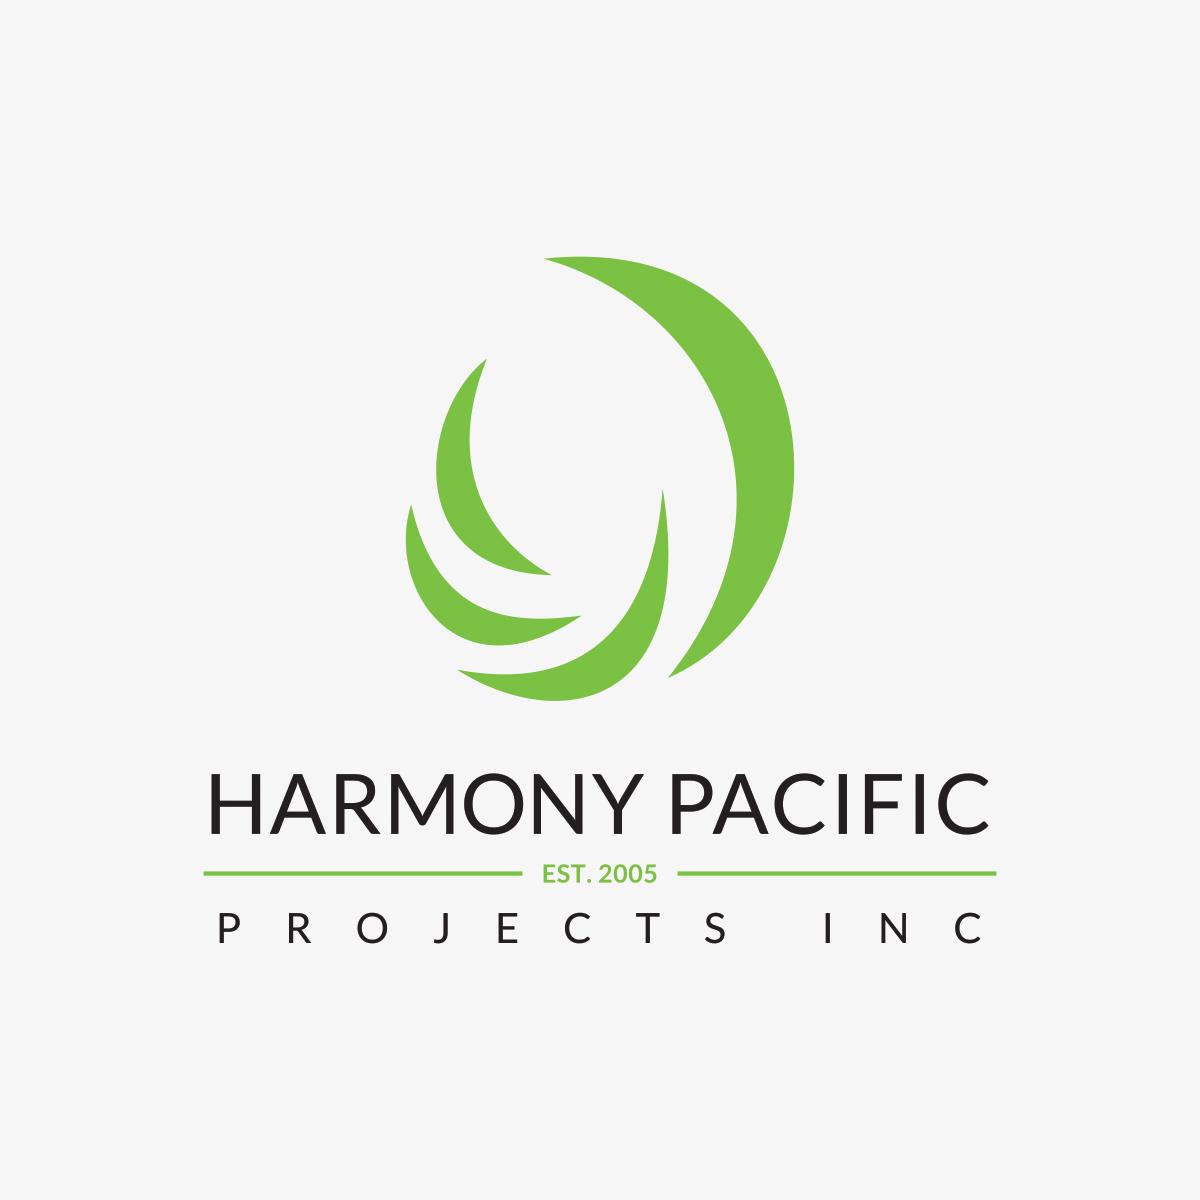 Harmony Pacific